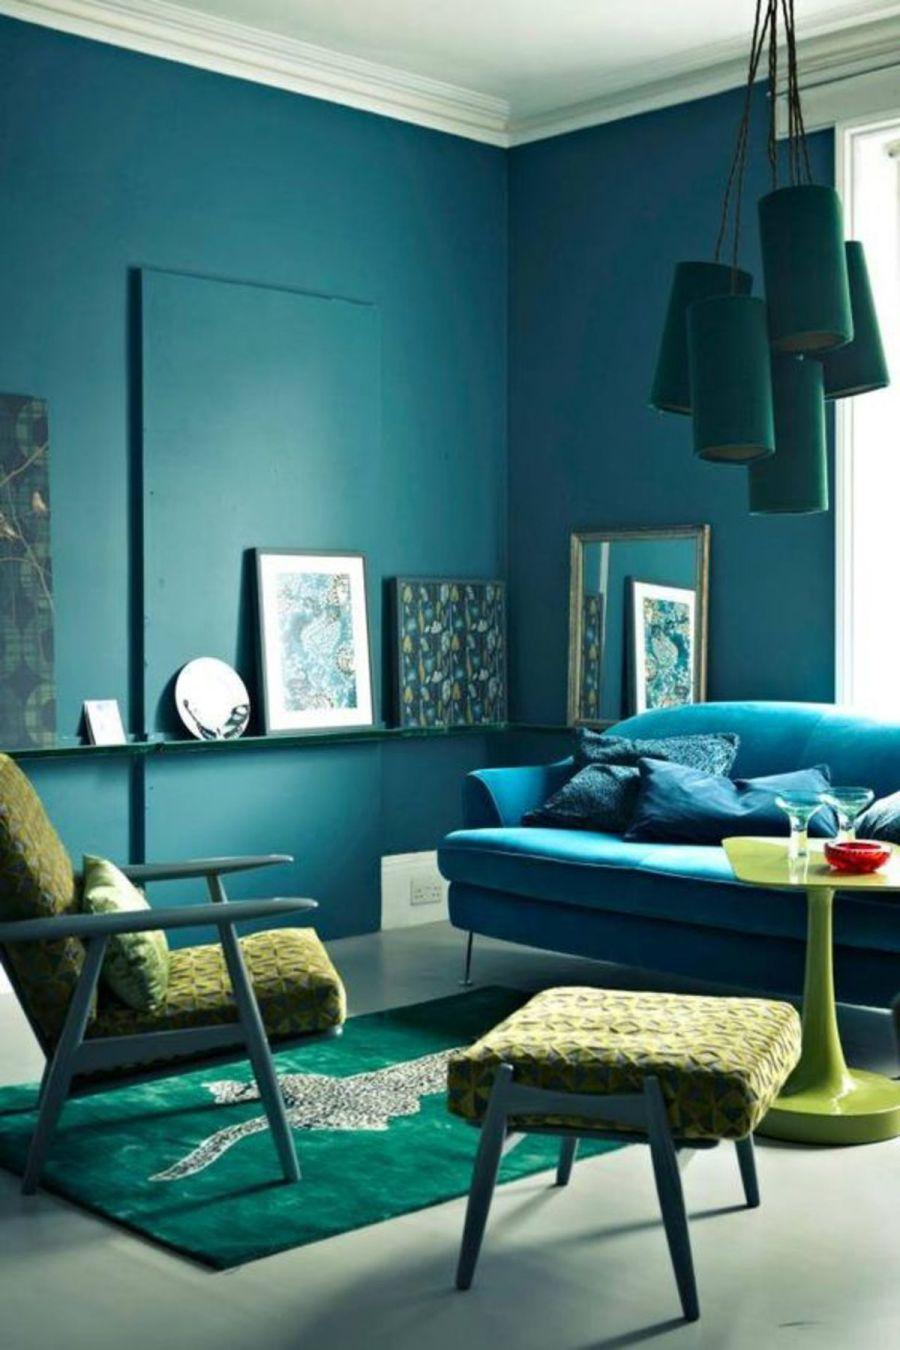 Ứng dụng quy tắc phối màu tương đồng trong phòng khách với xanh đen, xanh lam ngọc và vàng neon.